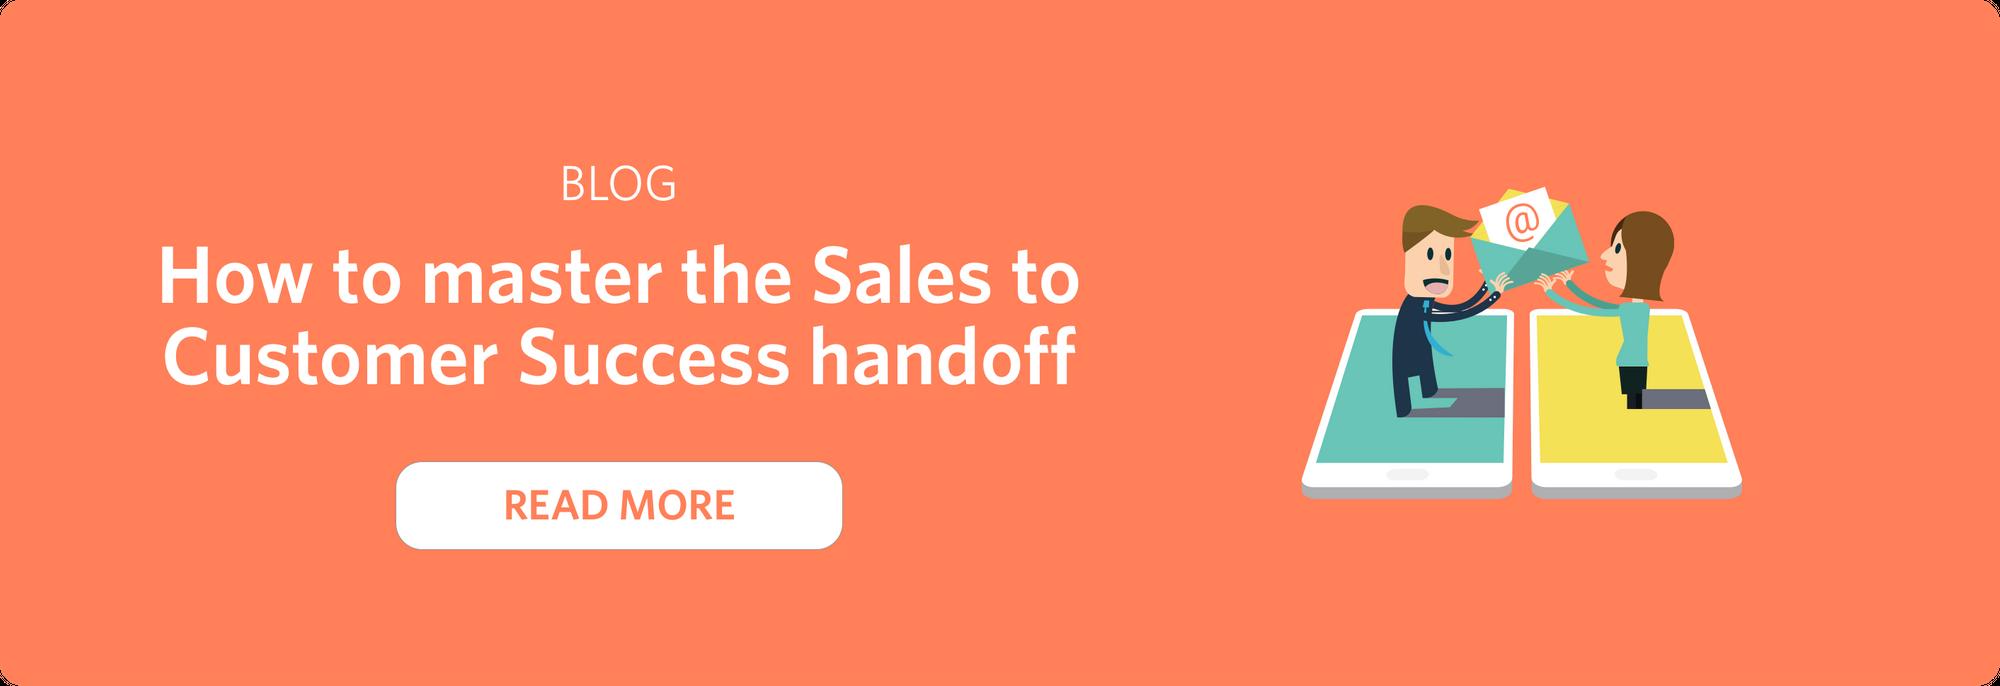 sales-to-cs-handoff